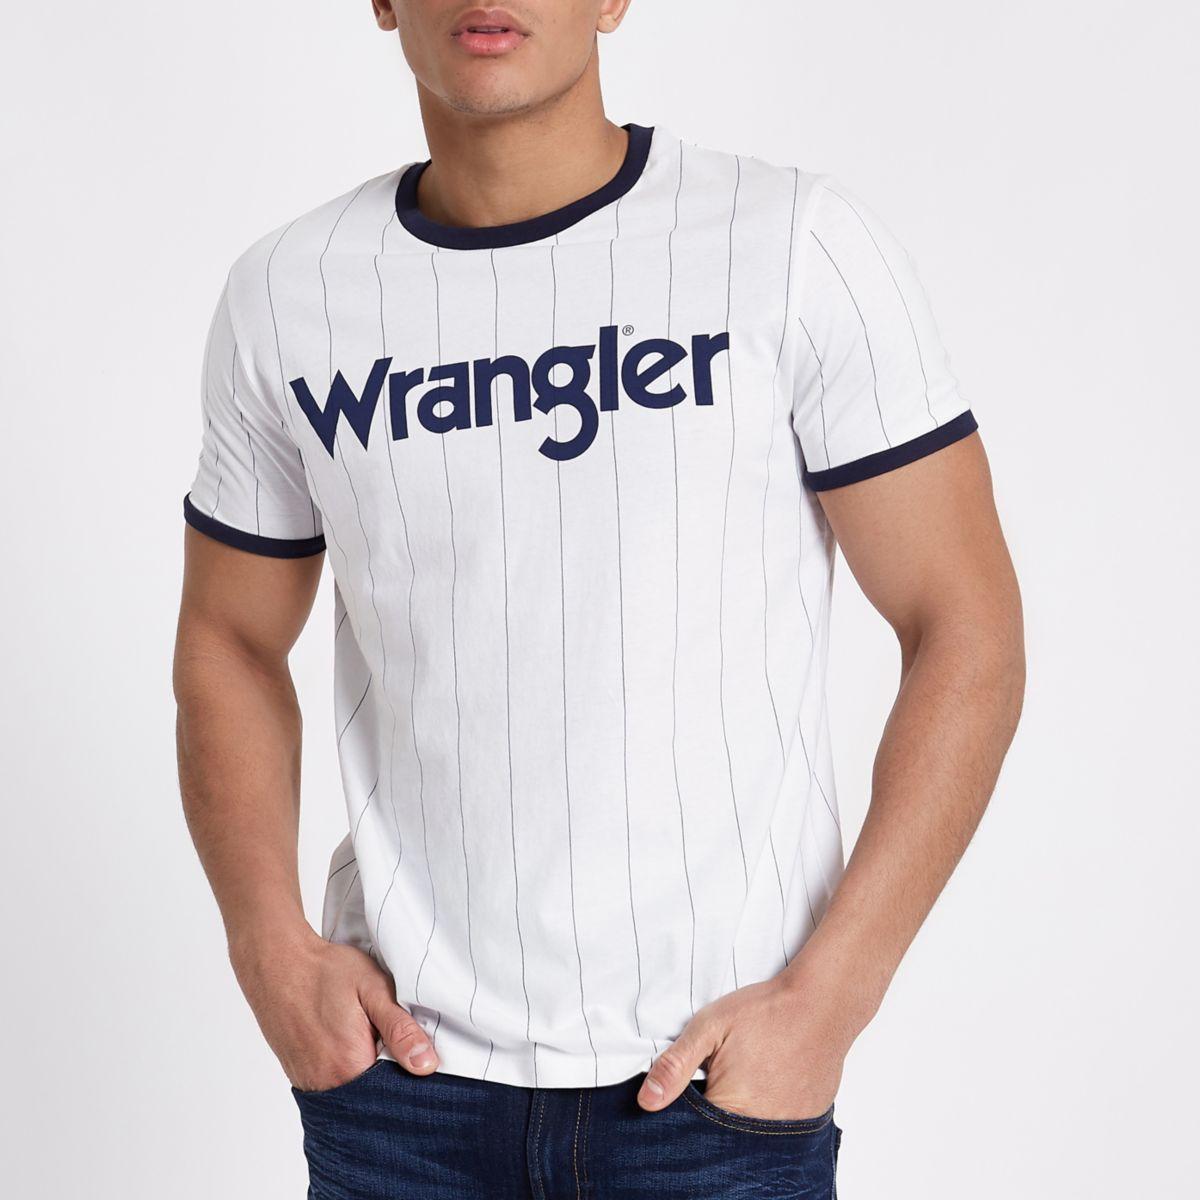 Wrangler - T-shirt rayé blanc à bordures contrastantesRiver Island